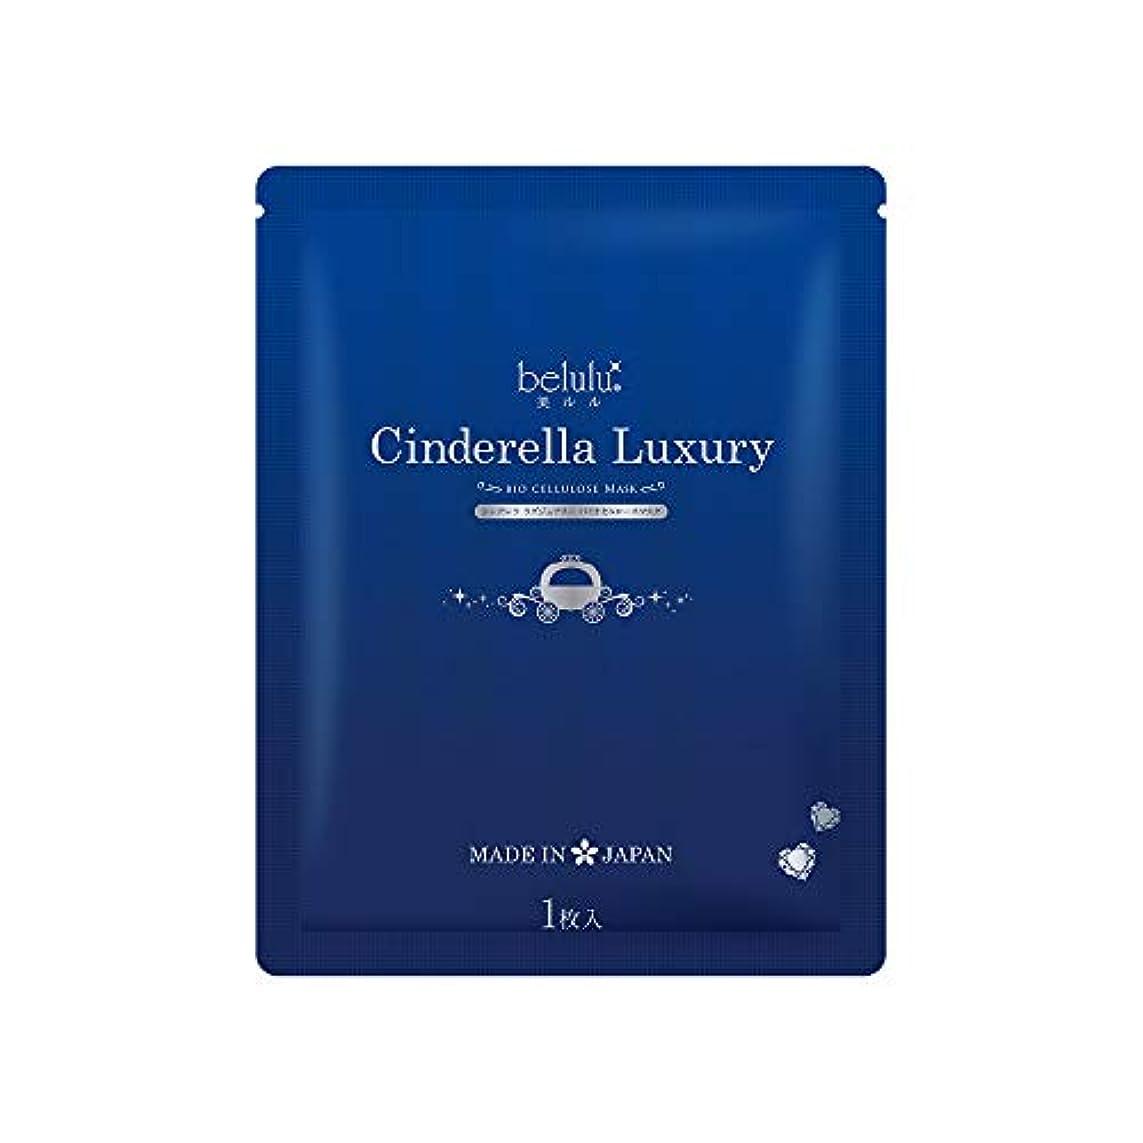 変更可能ヤギ消えるフェイスマスク 美ルル シンデレラ ラグジュアリー パック 美白 保湿 美肌 日本製 belulu Cinderella Luxury